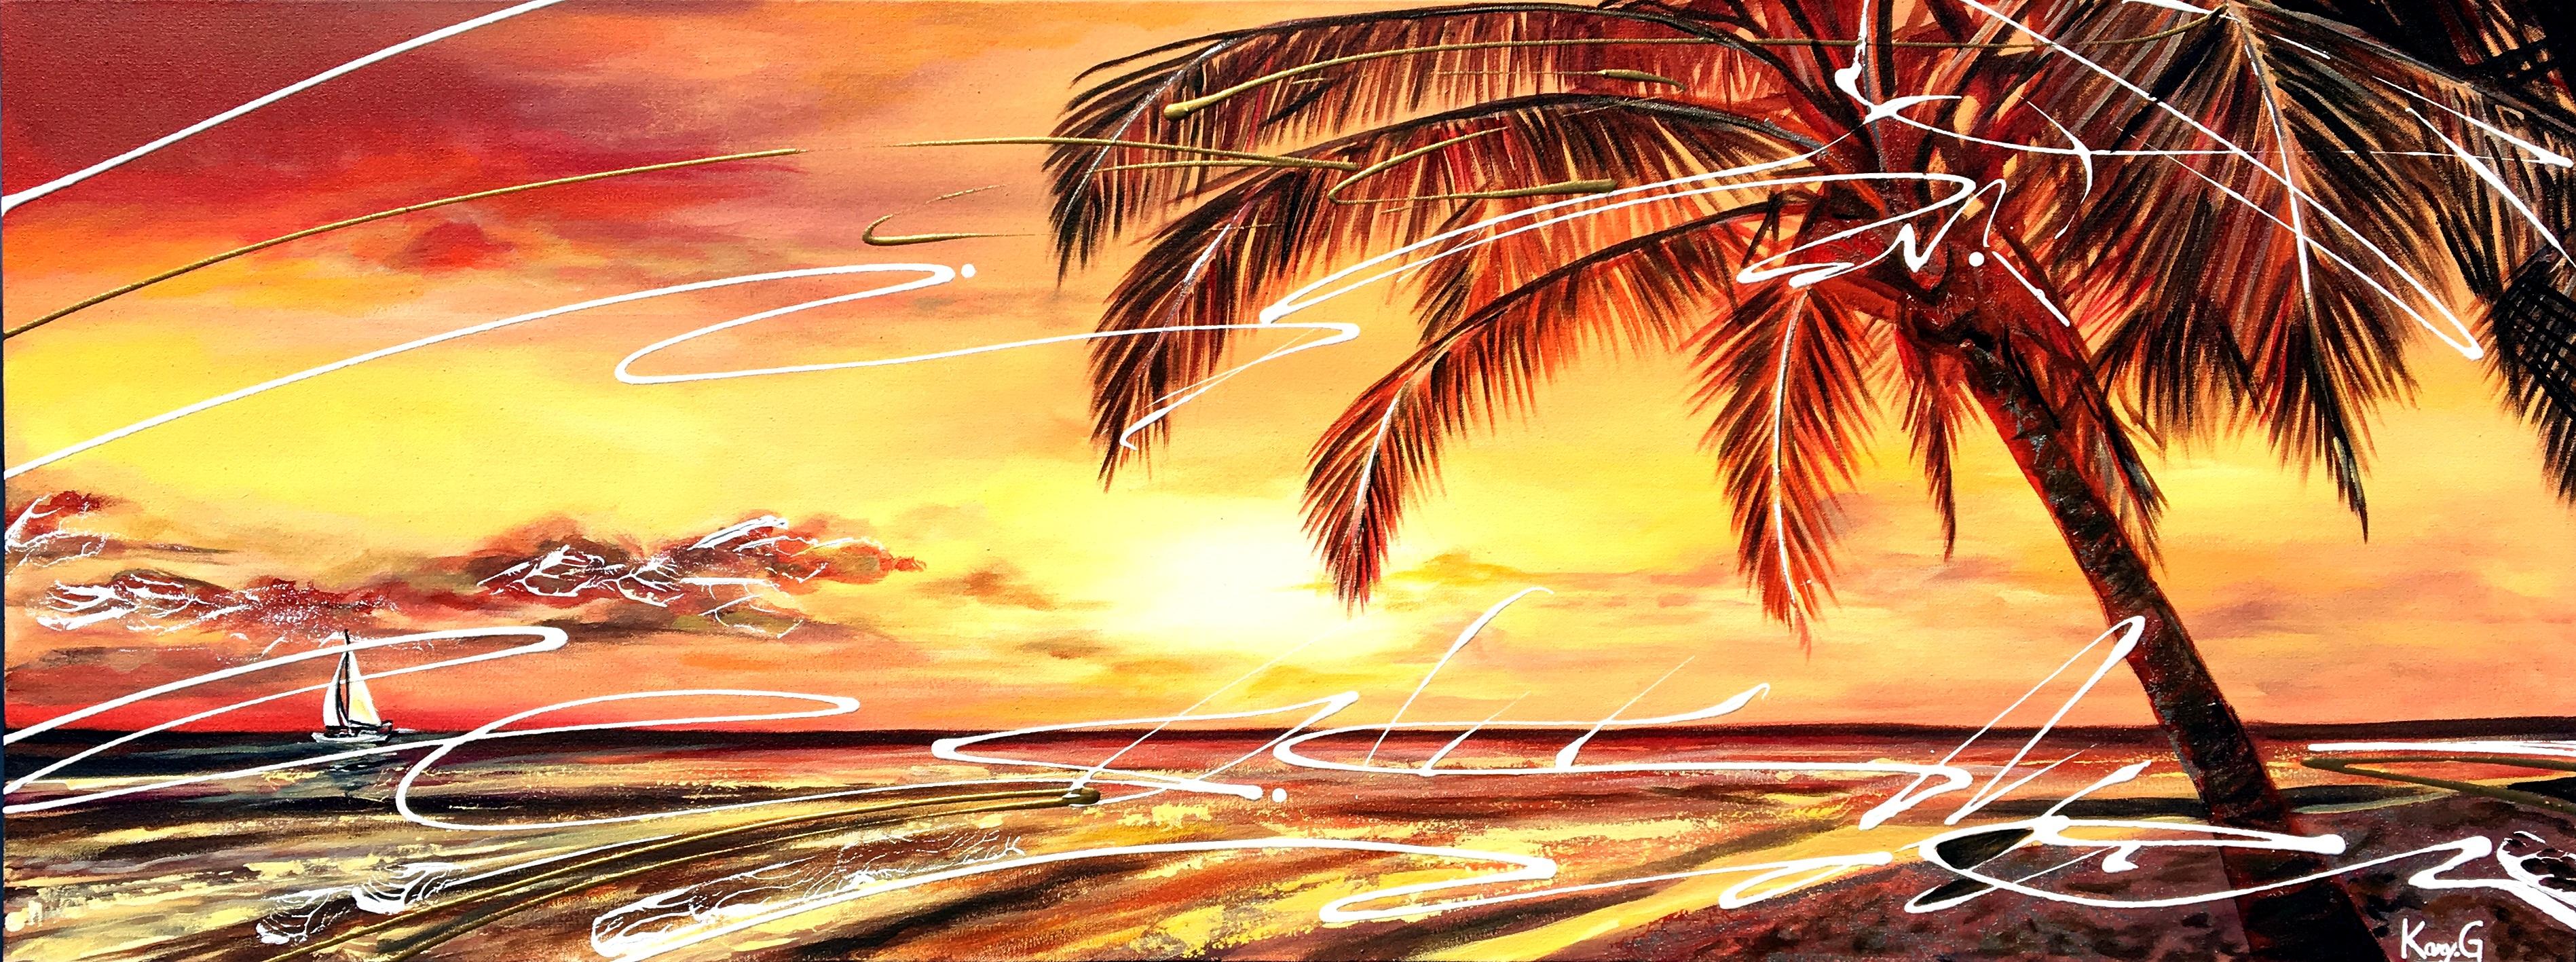 Voyage au soleil